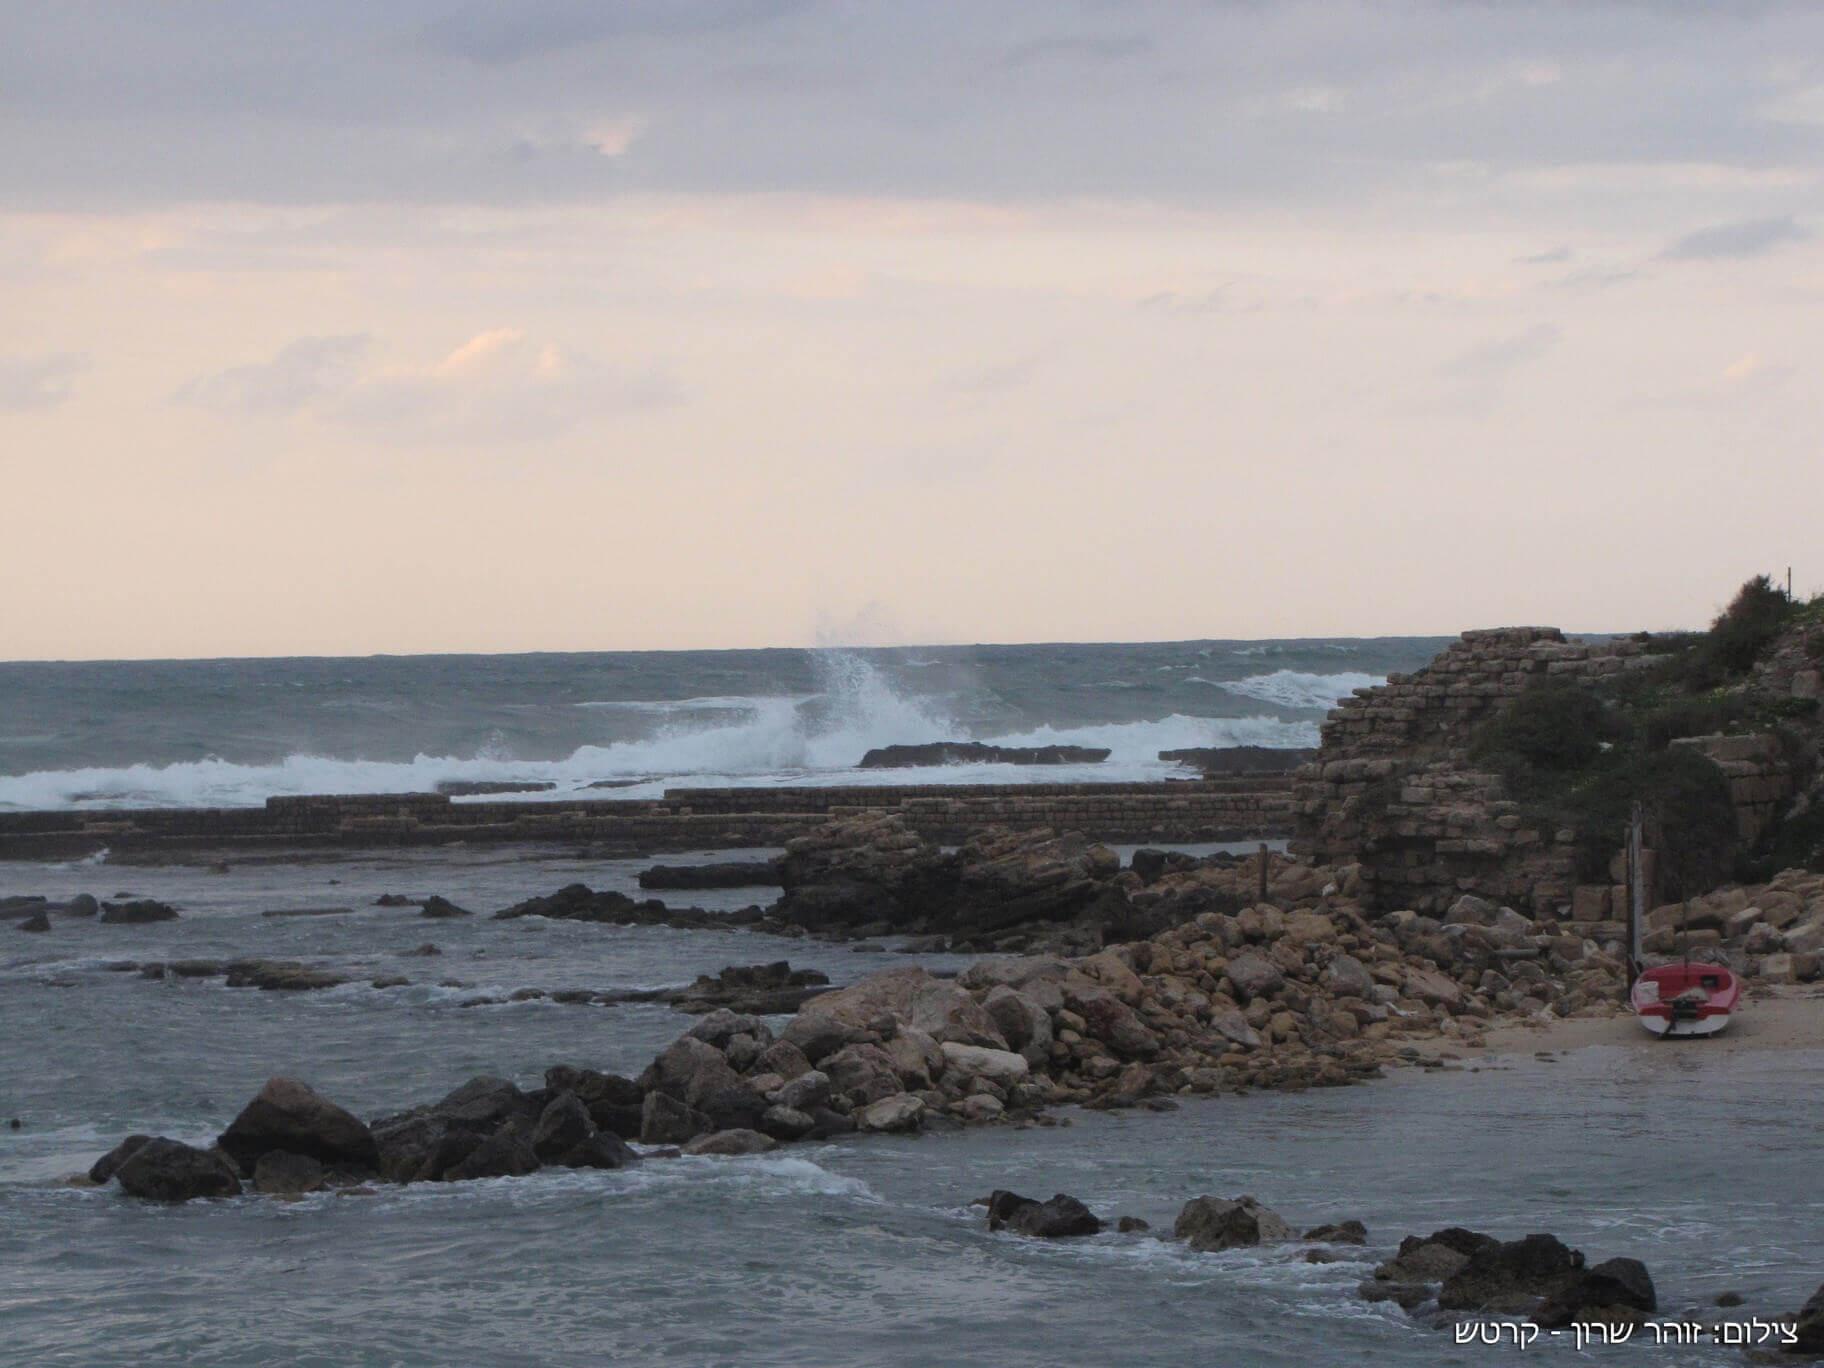 נוף החוף בקיסריה. צילום: זוהר שרון